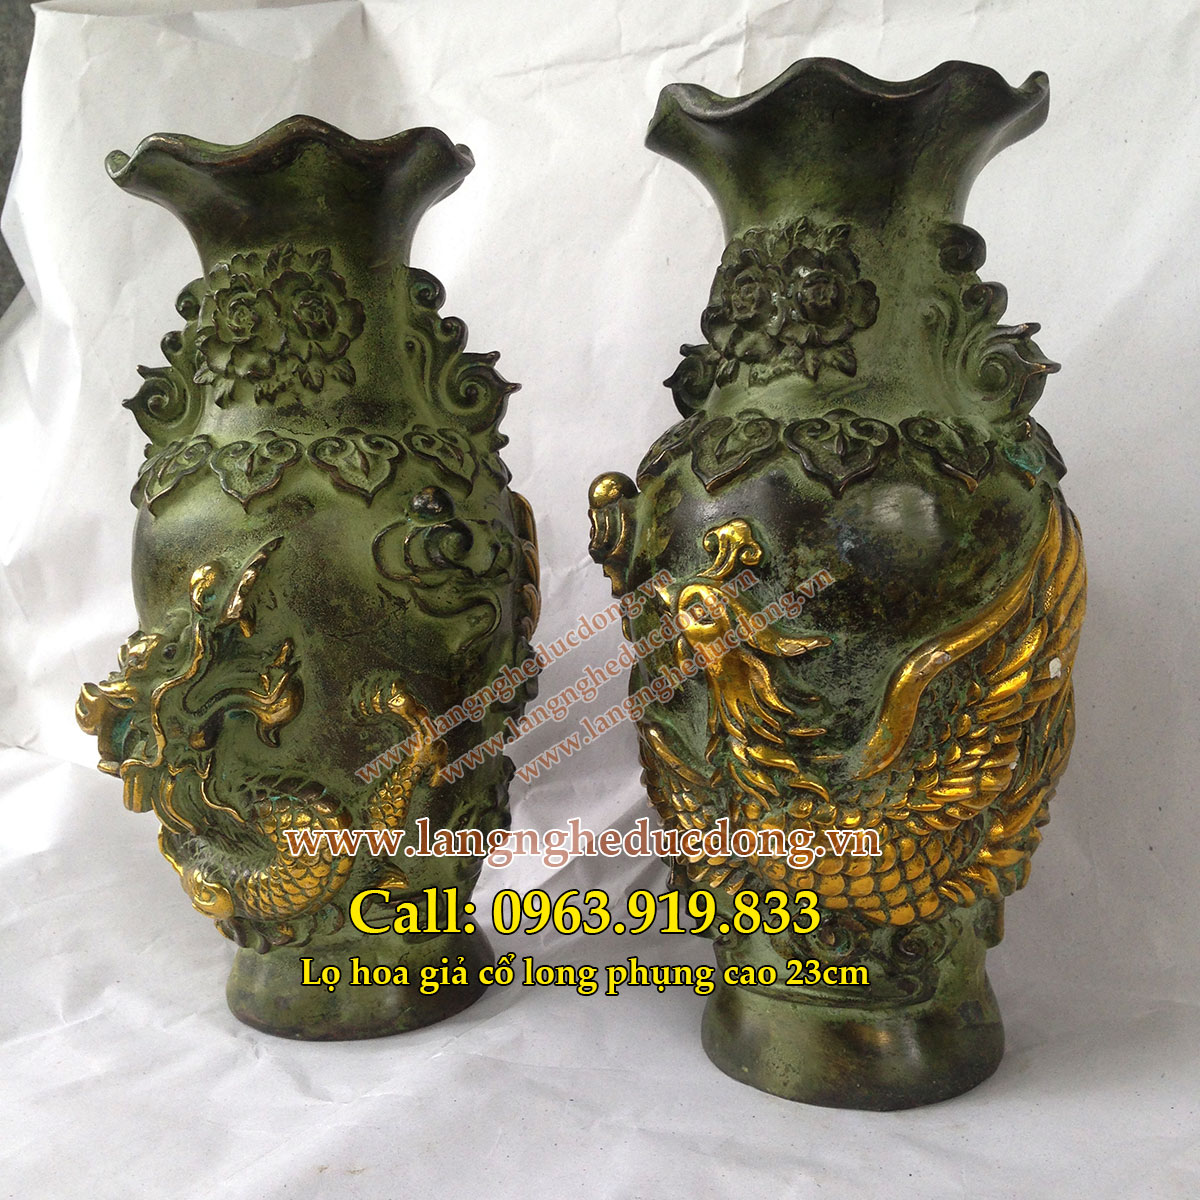 langngheducdong.vn - Lọ hoa đồng, lọ hoa long phụng cao 23cm, lọ hoa giả cổ